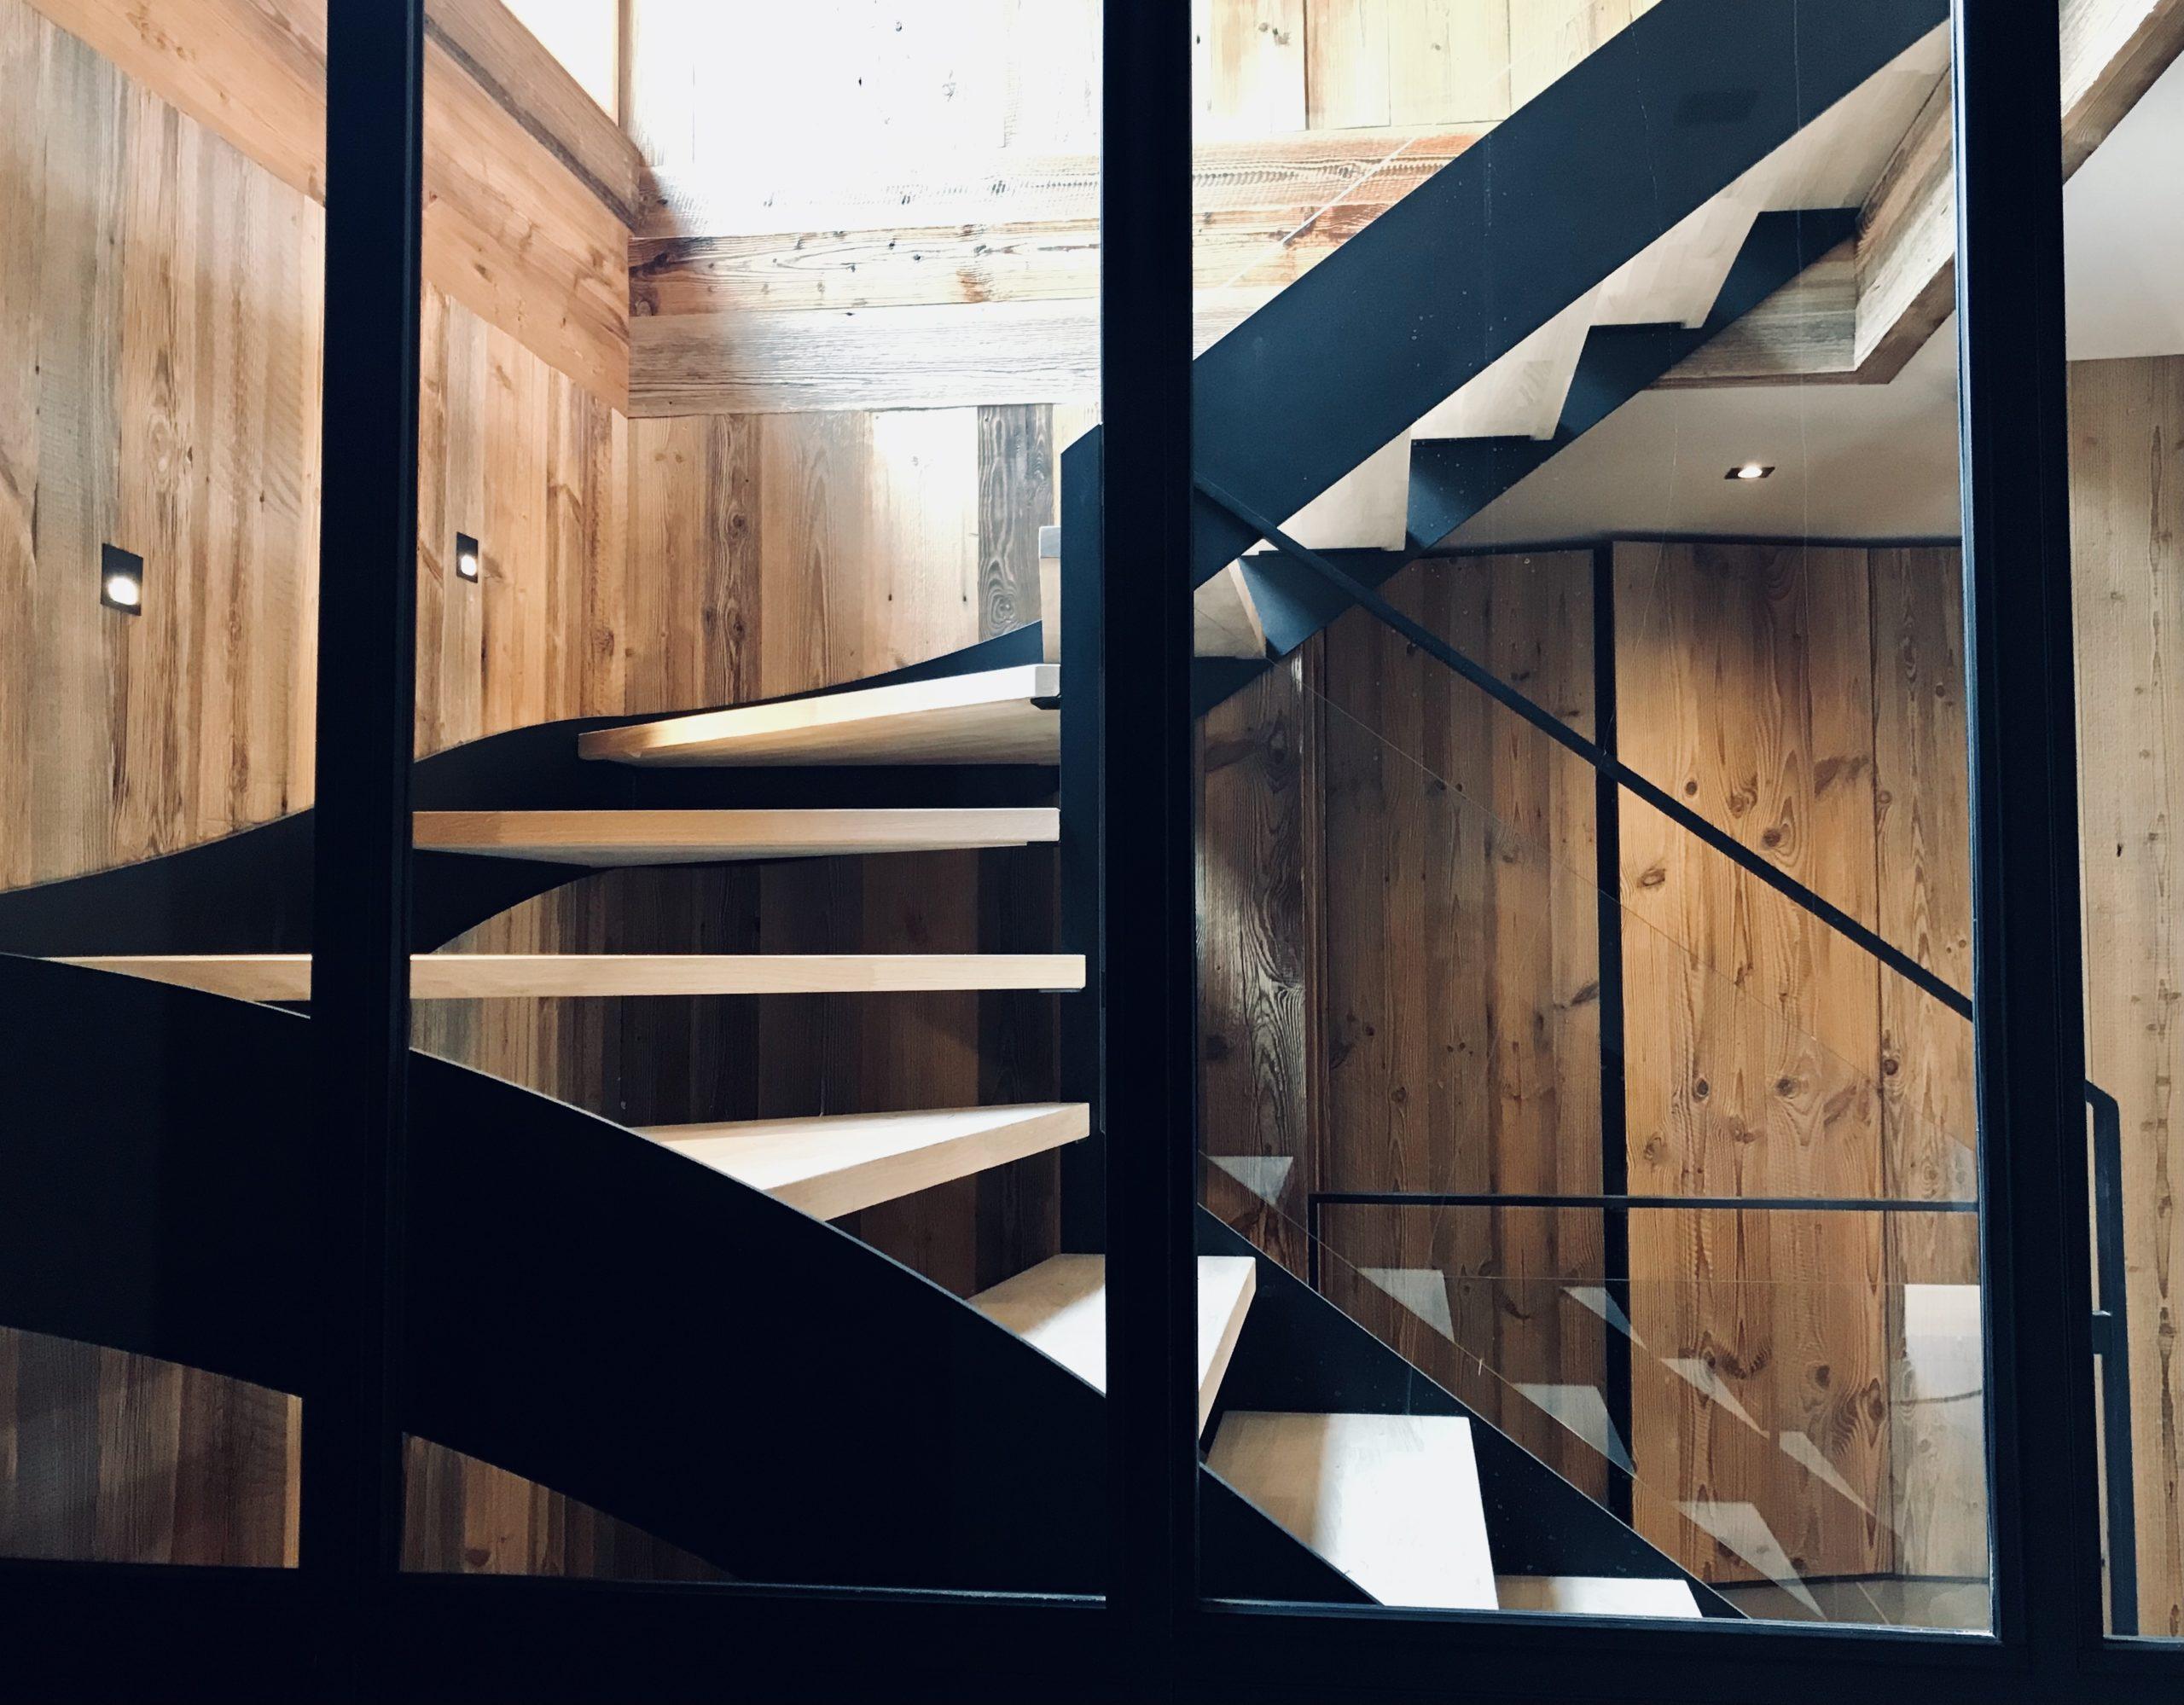 Escaliers&Verrière